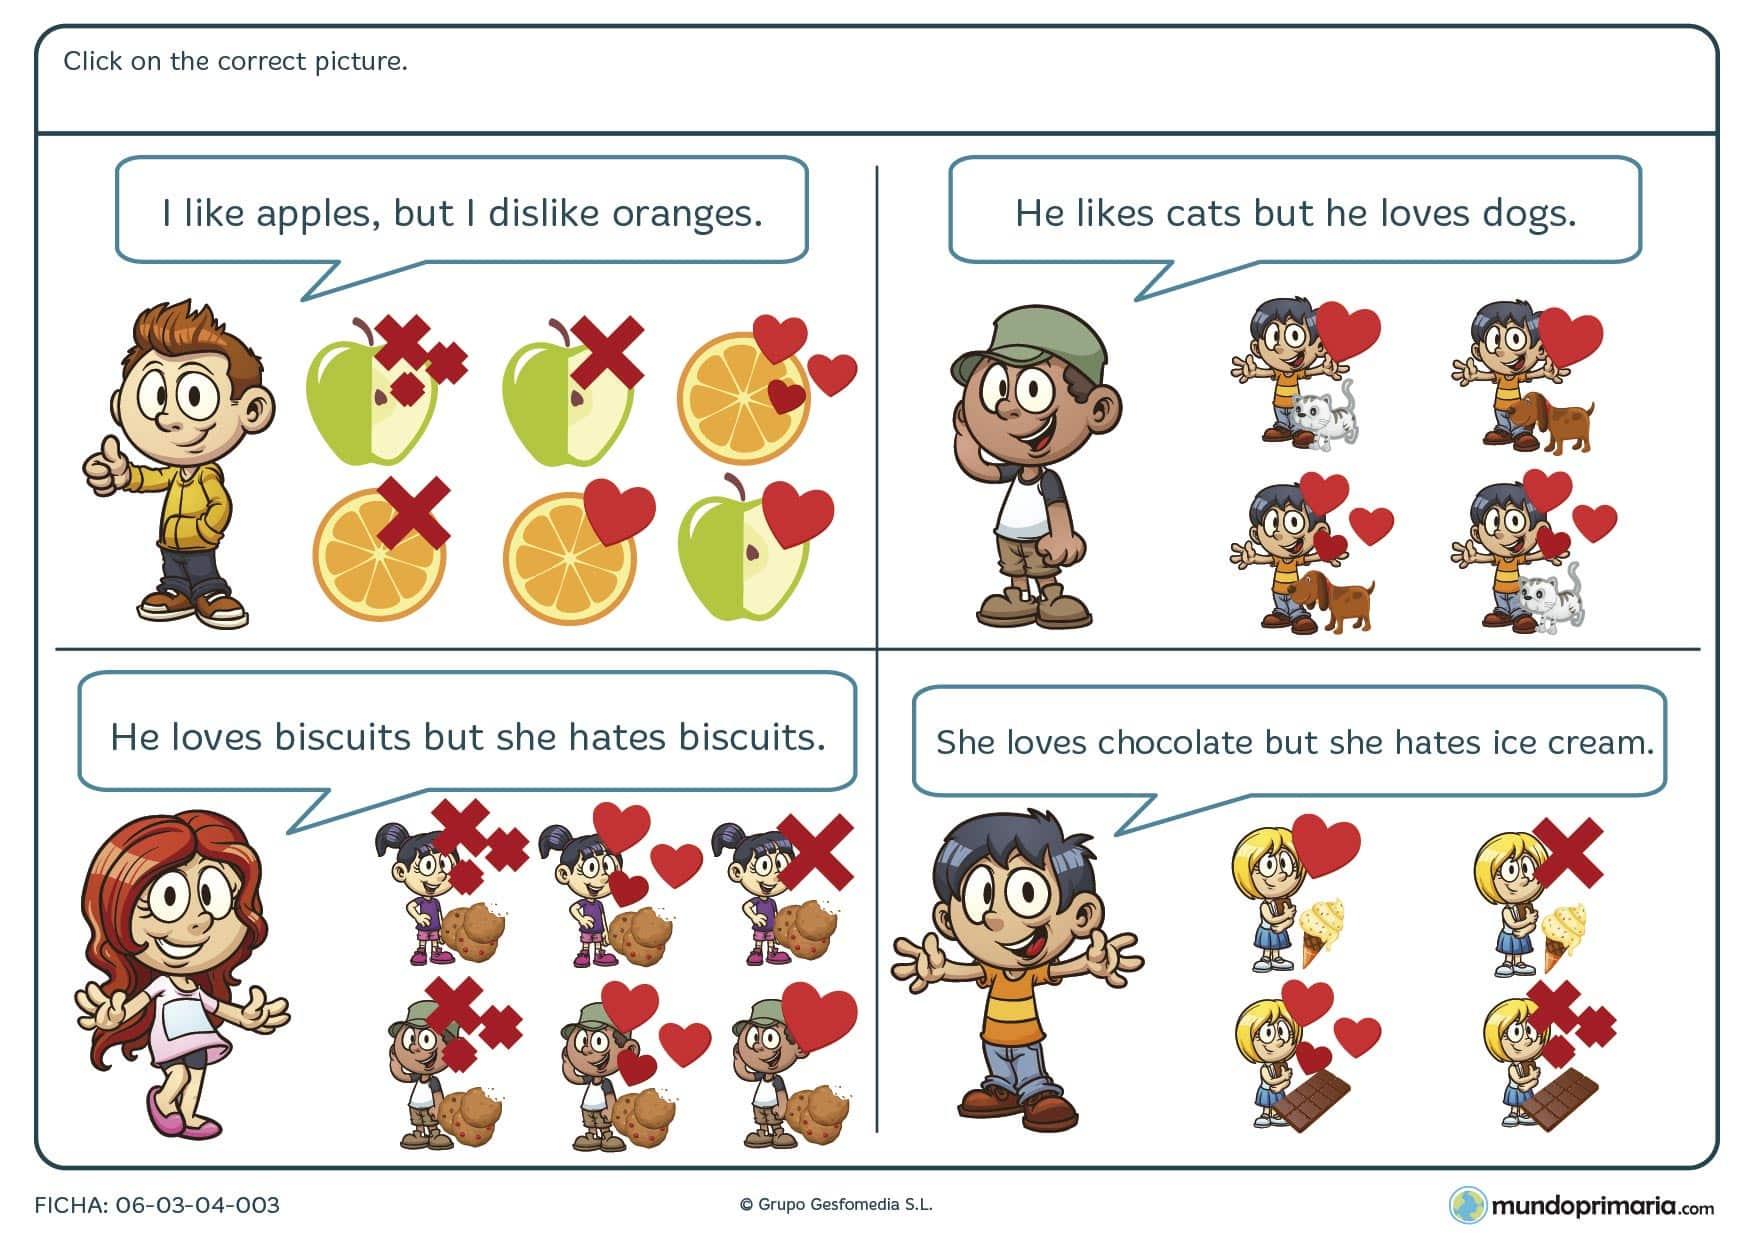 En esta ficha de elegir la imagen correcta en inglés para alumnos de 4º de primaria tienes que leer las frases y elegir los dibujos que concuerden con las frases.